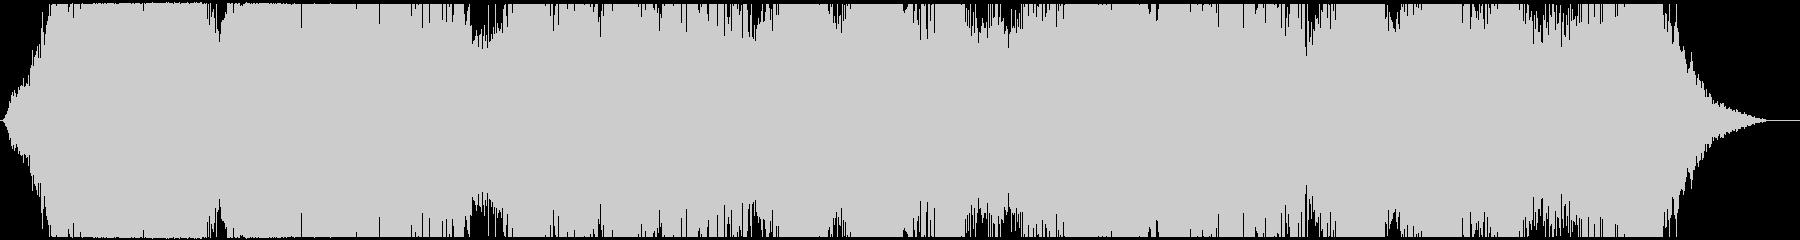 ドローン ムービングエアハイ02の未再生の波形